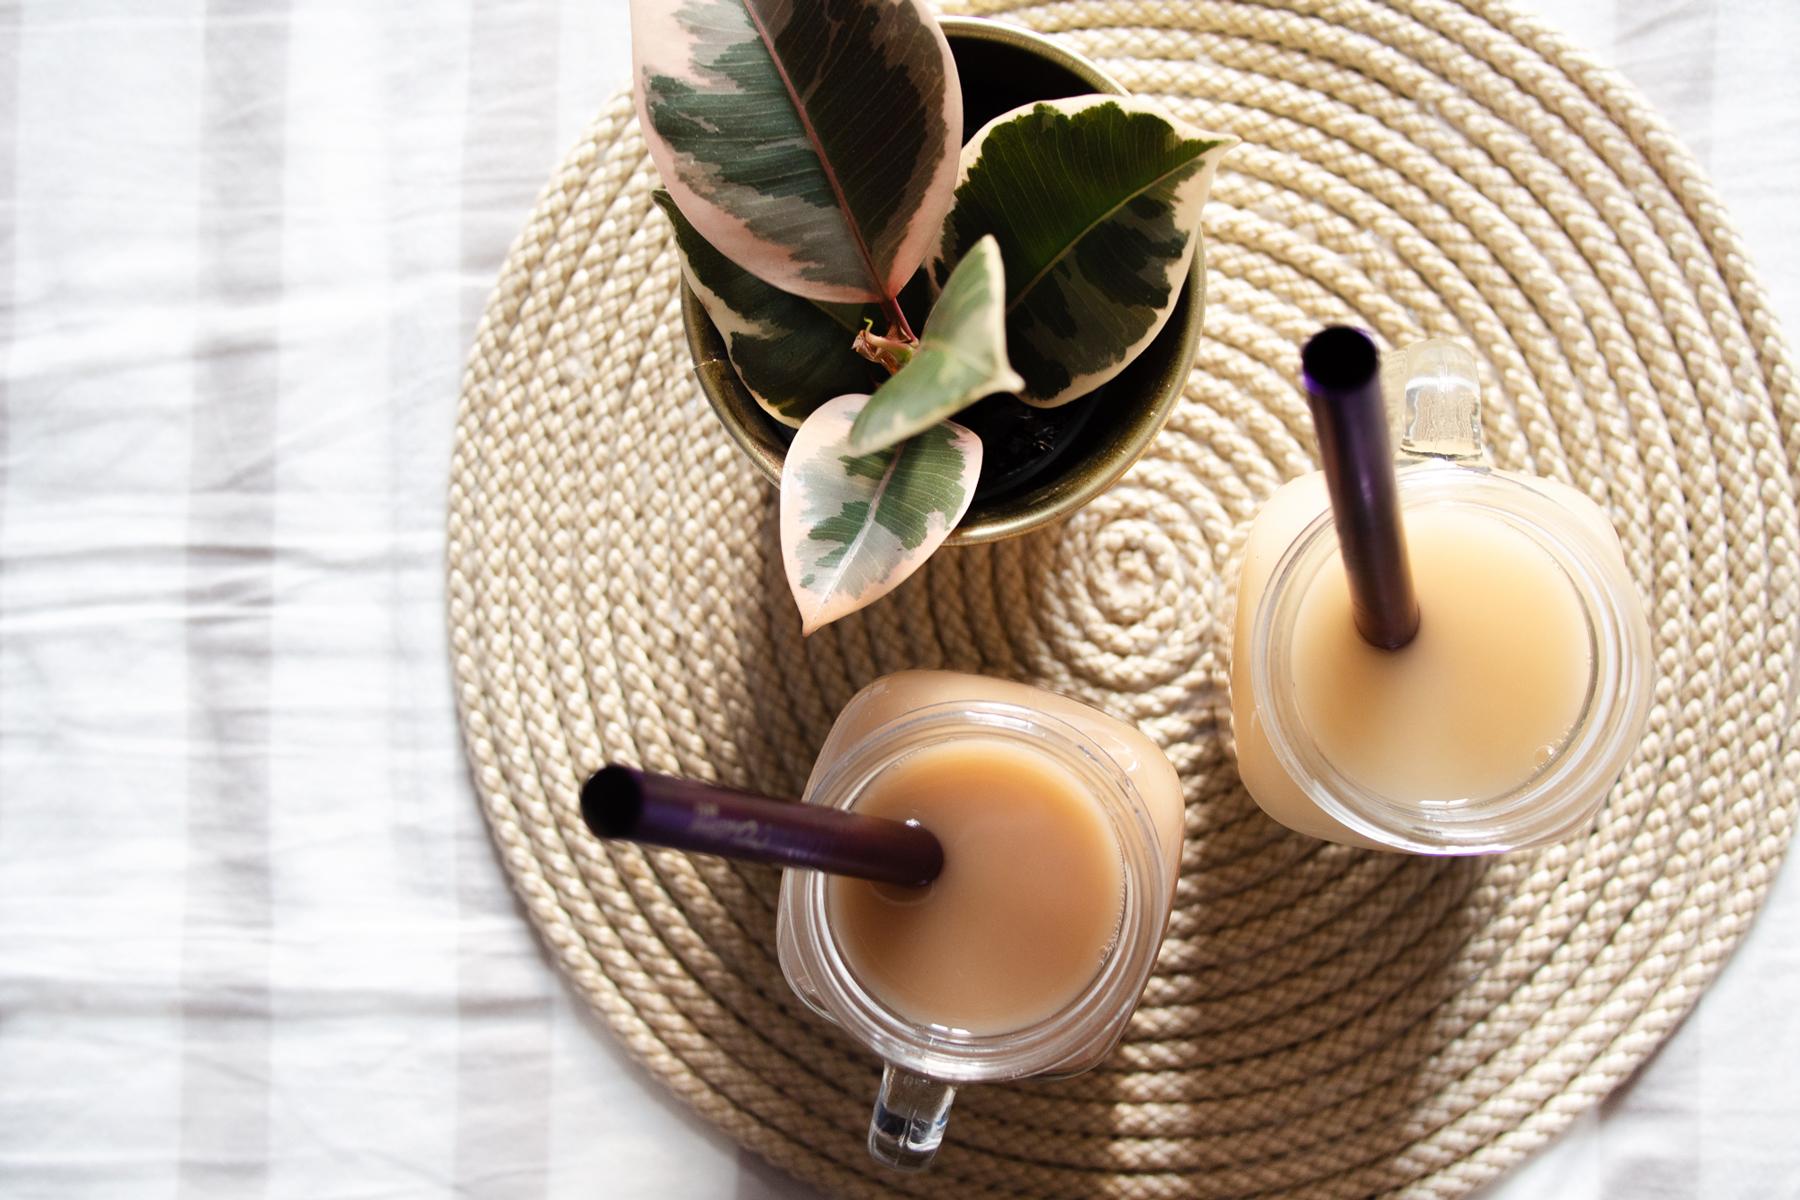 2 idées de bubble tea aux saveurs florales (thé vert jasmin & violette) 🌸